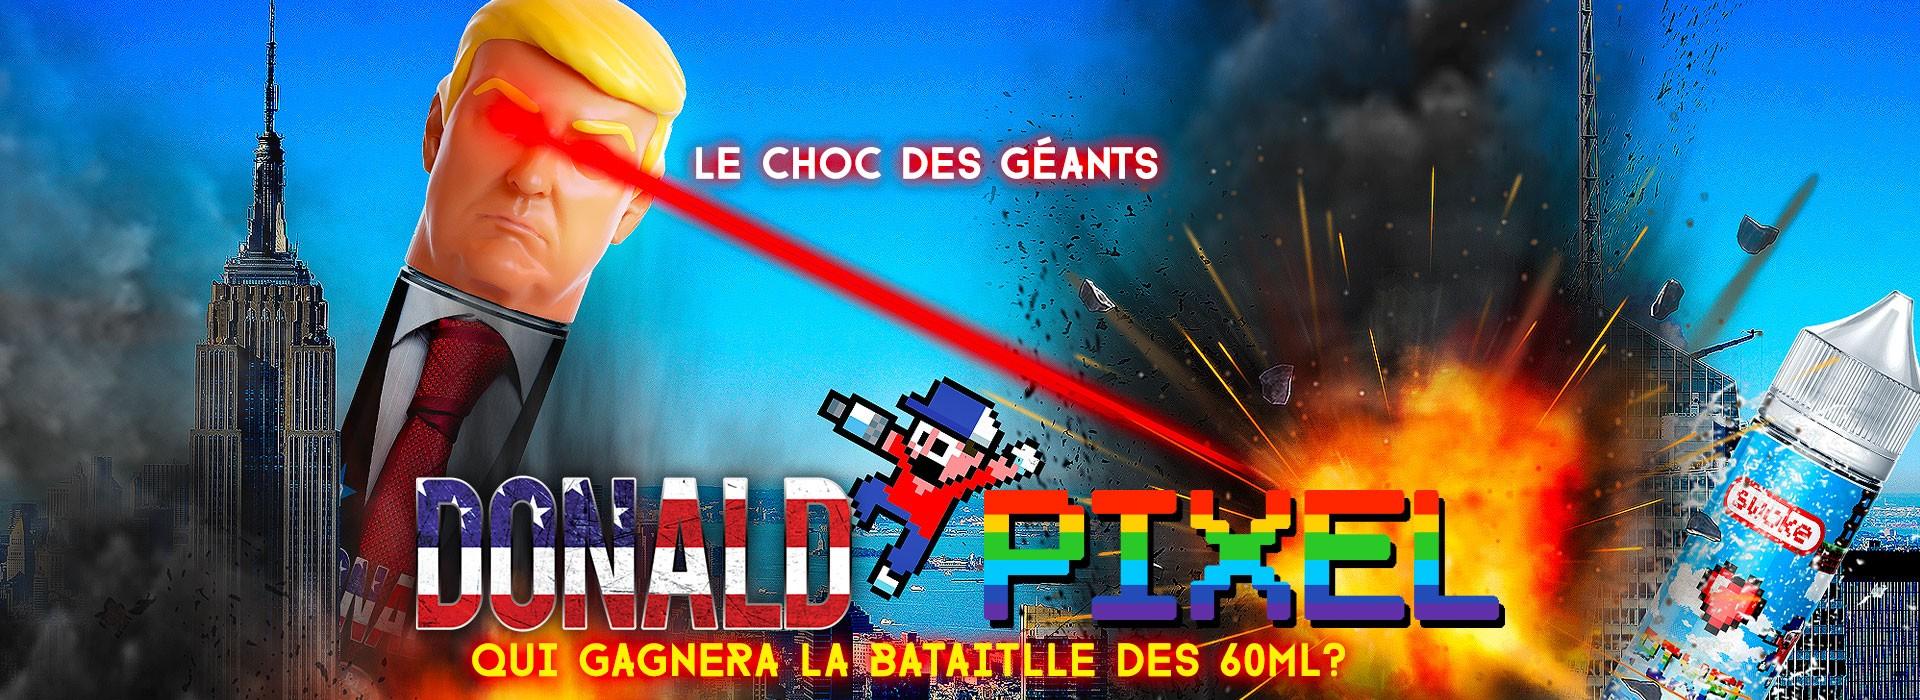 Donald vs Pixel : Le choc des géants !